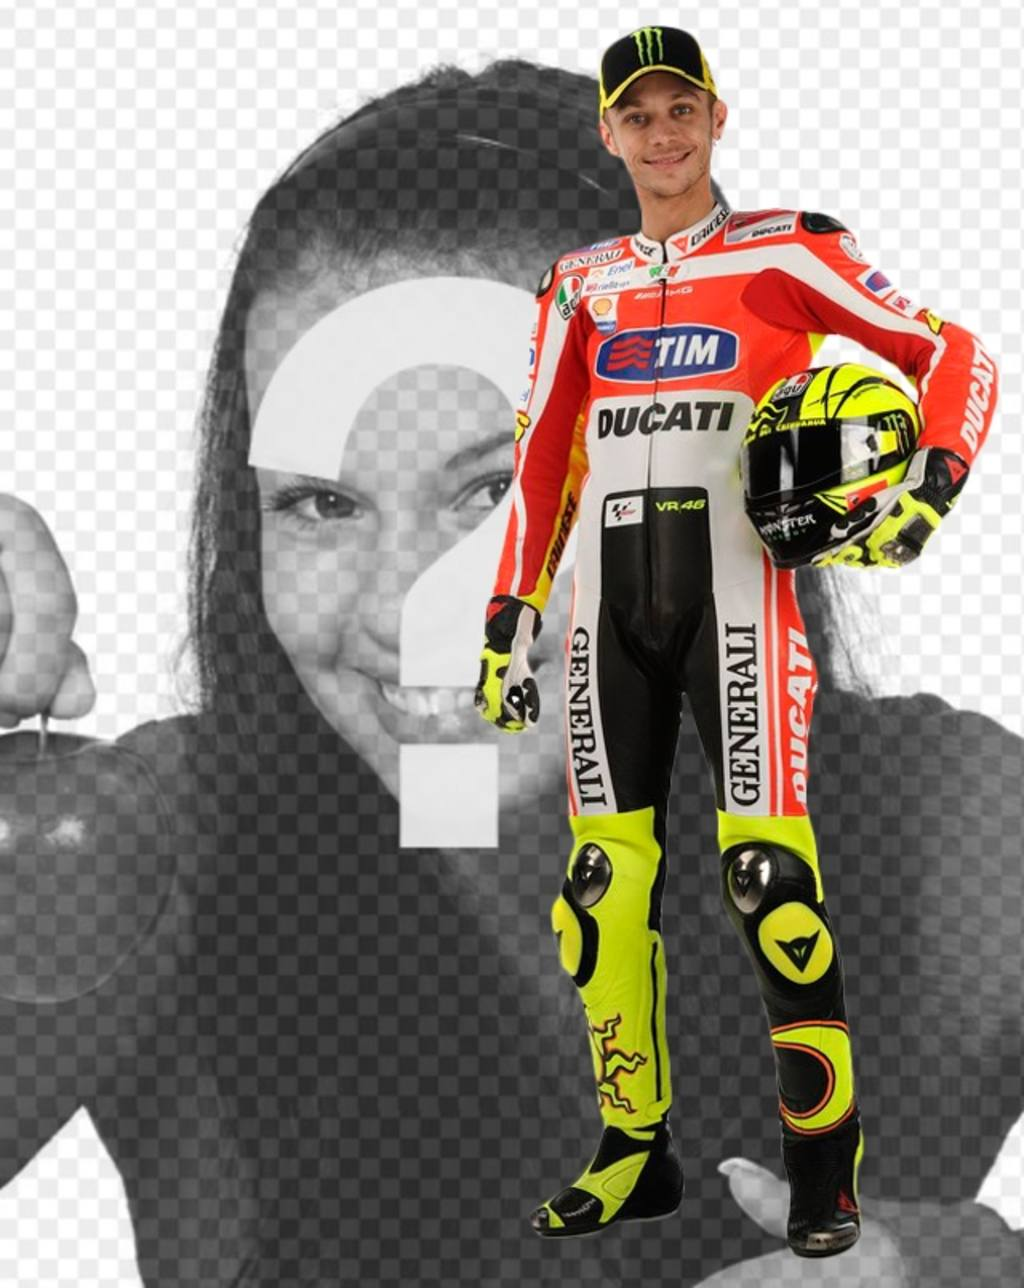 """Photomontage avec Valentino Rossi, Moto GP coureur, dans son uniforme de Ducati et un casque sous le bras. Apparaît à côté du célèbre motard, (maintenant dans Yamaha) et ajouter du texte dans l""""image gratuitement"""